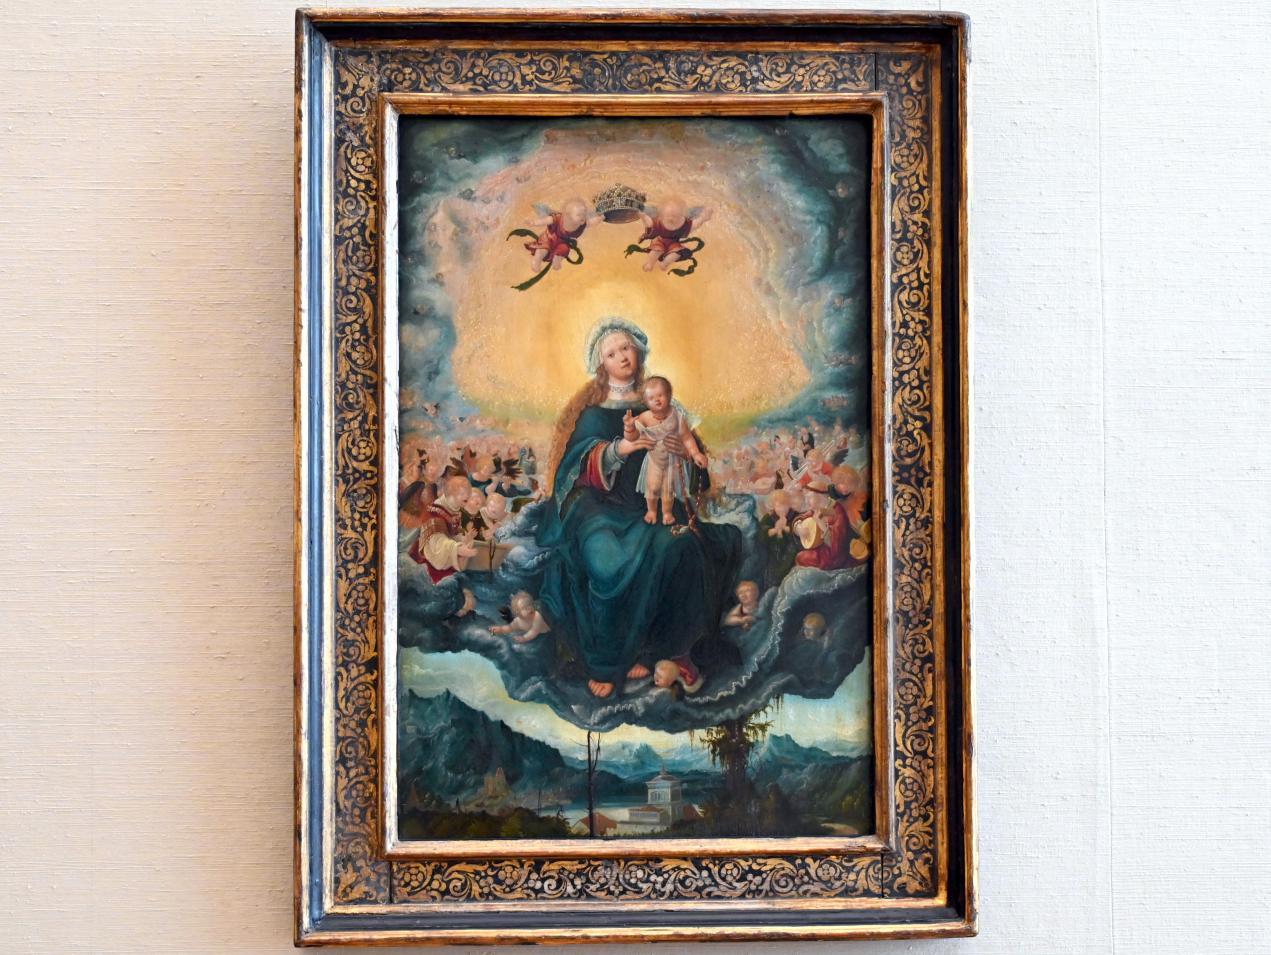 Albrecht Altdorfer: Maria mit dem Kind in der Gloria, um 1525, Bild 1/2